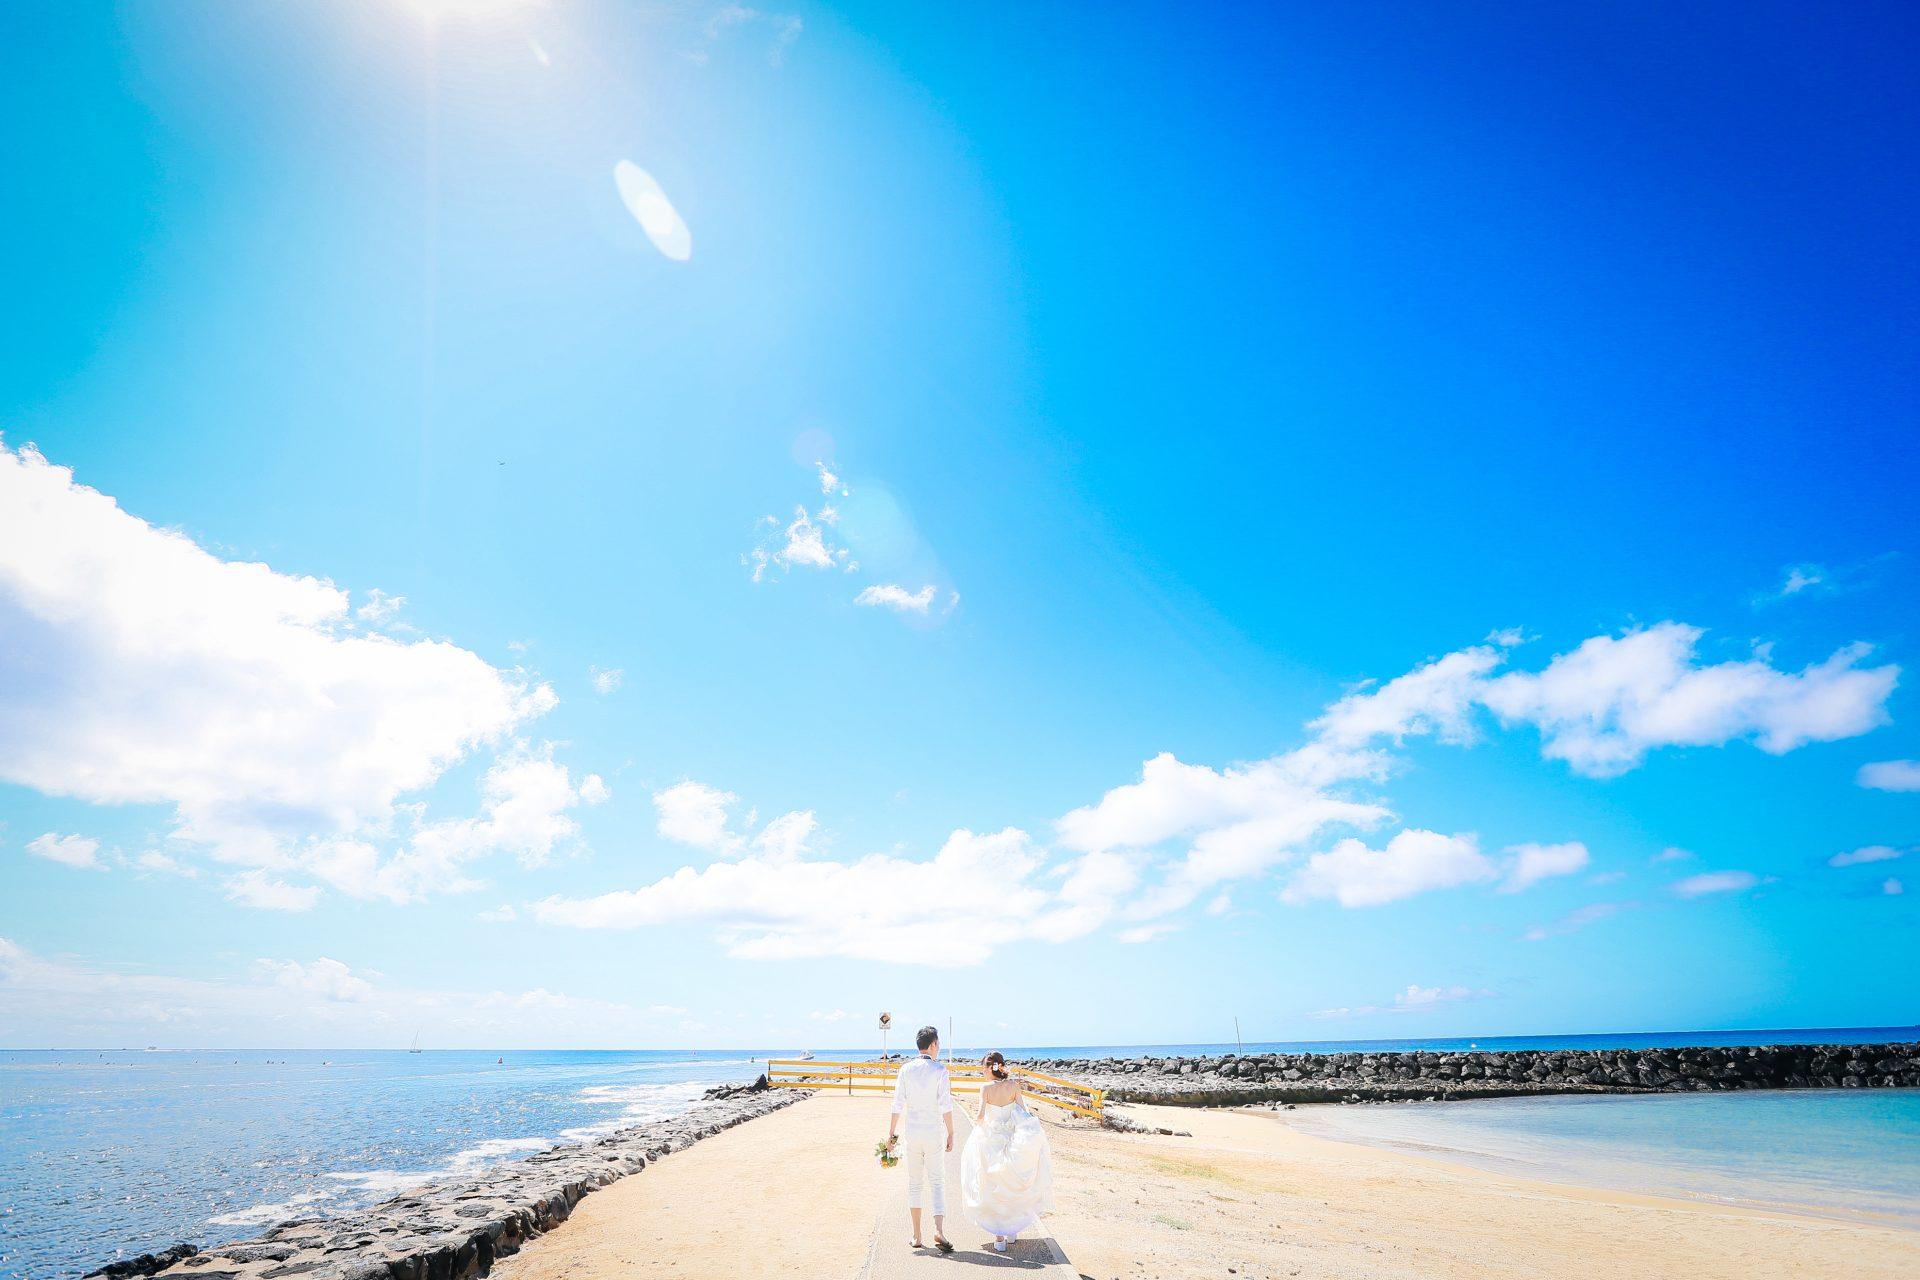 LA-VIE PHOTOGRAPHY & AFLOAT HAWAII